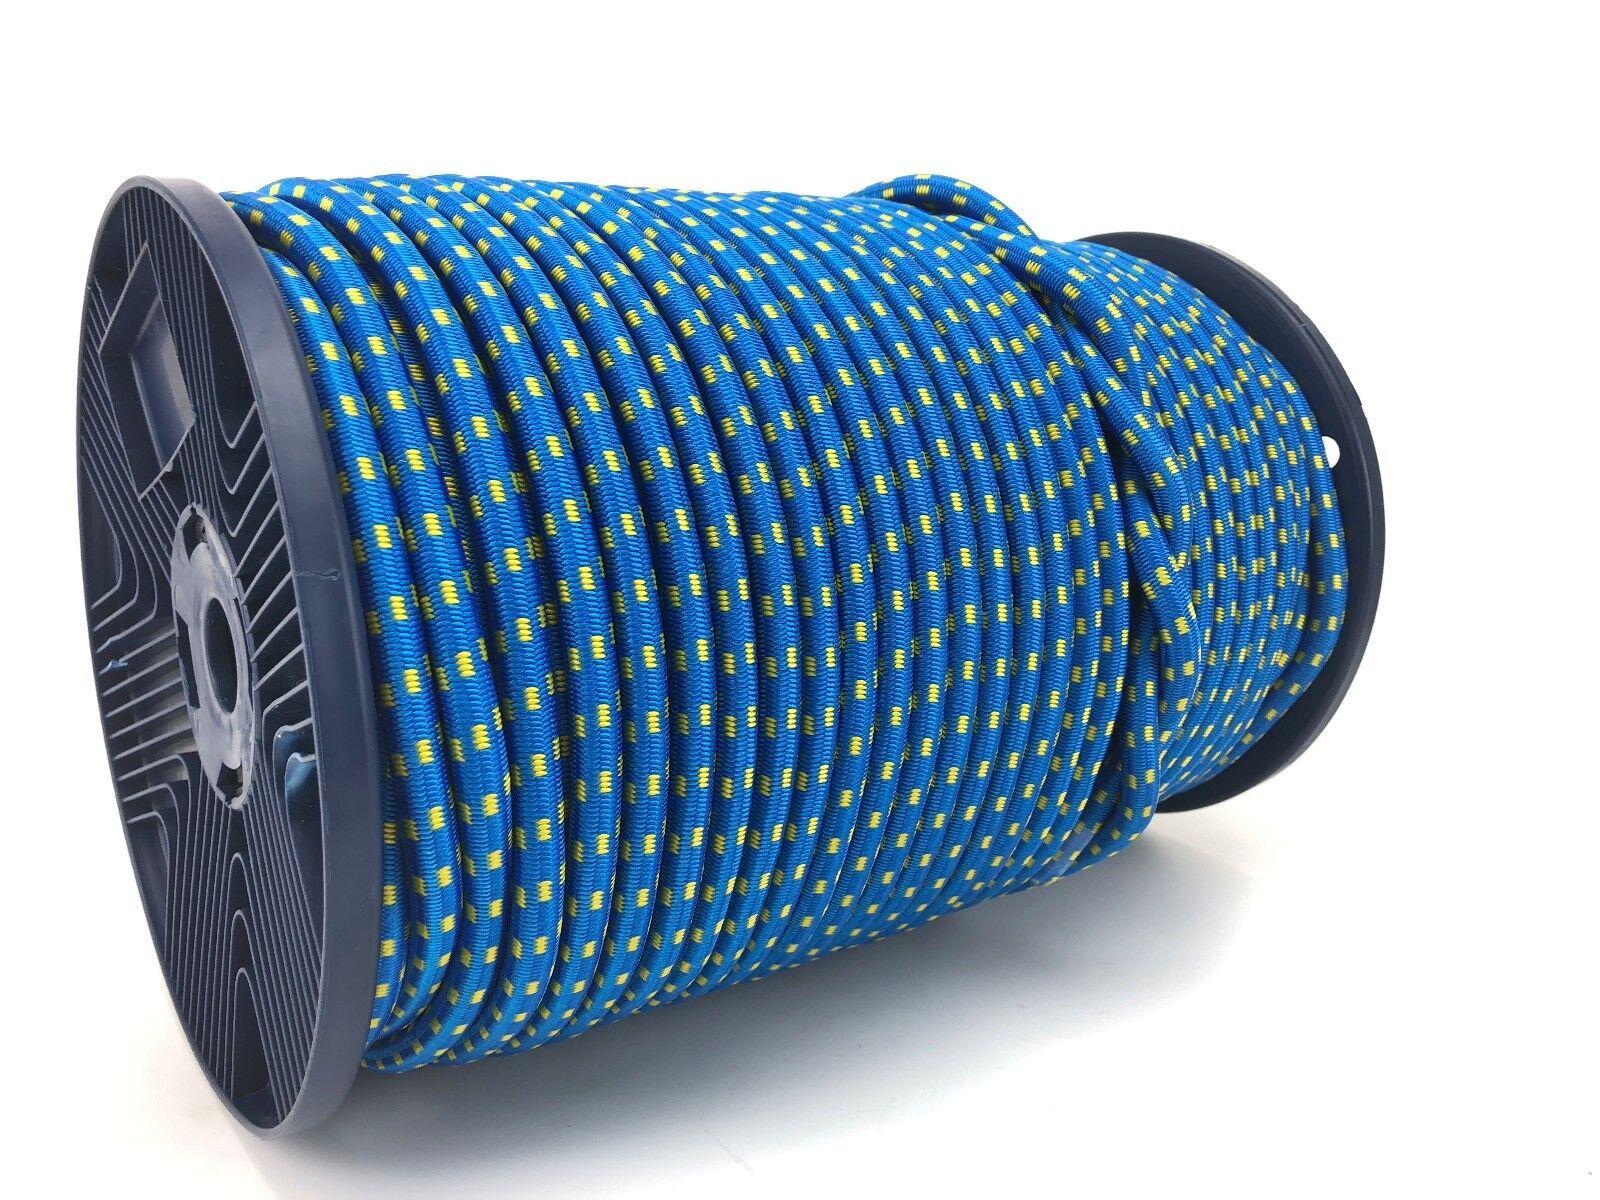 10mm Corde élastique corde x 15 mètres mètres mètres ( bleu avec jaune moucheté) 0ccd03